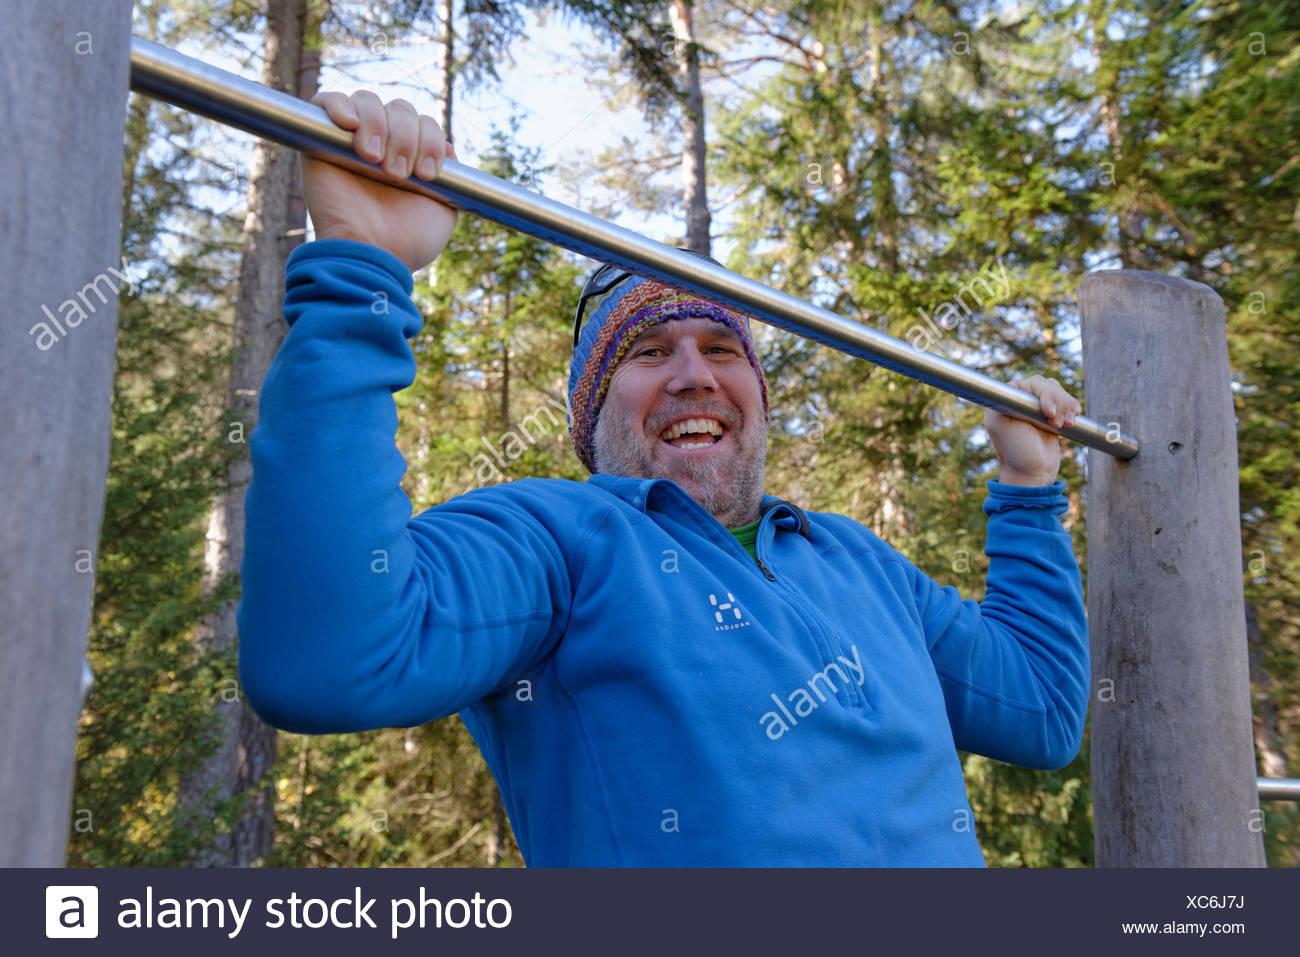 Man doing pull-ups on a bar, Naturschauspiel Kreuth, adventure trail along the Weissach, Weissach near Kreuth, Upper Bavaria - Stock Image